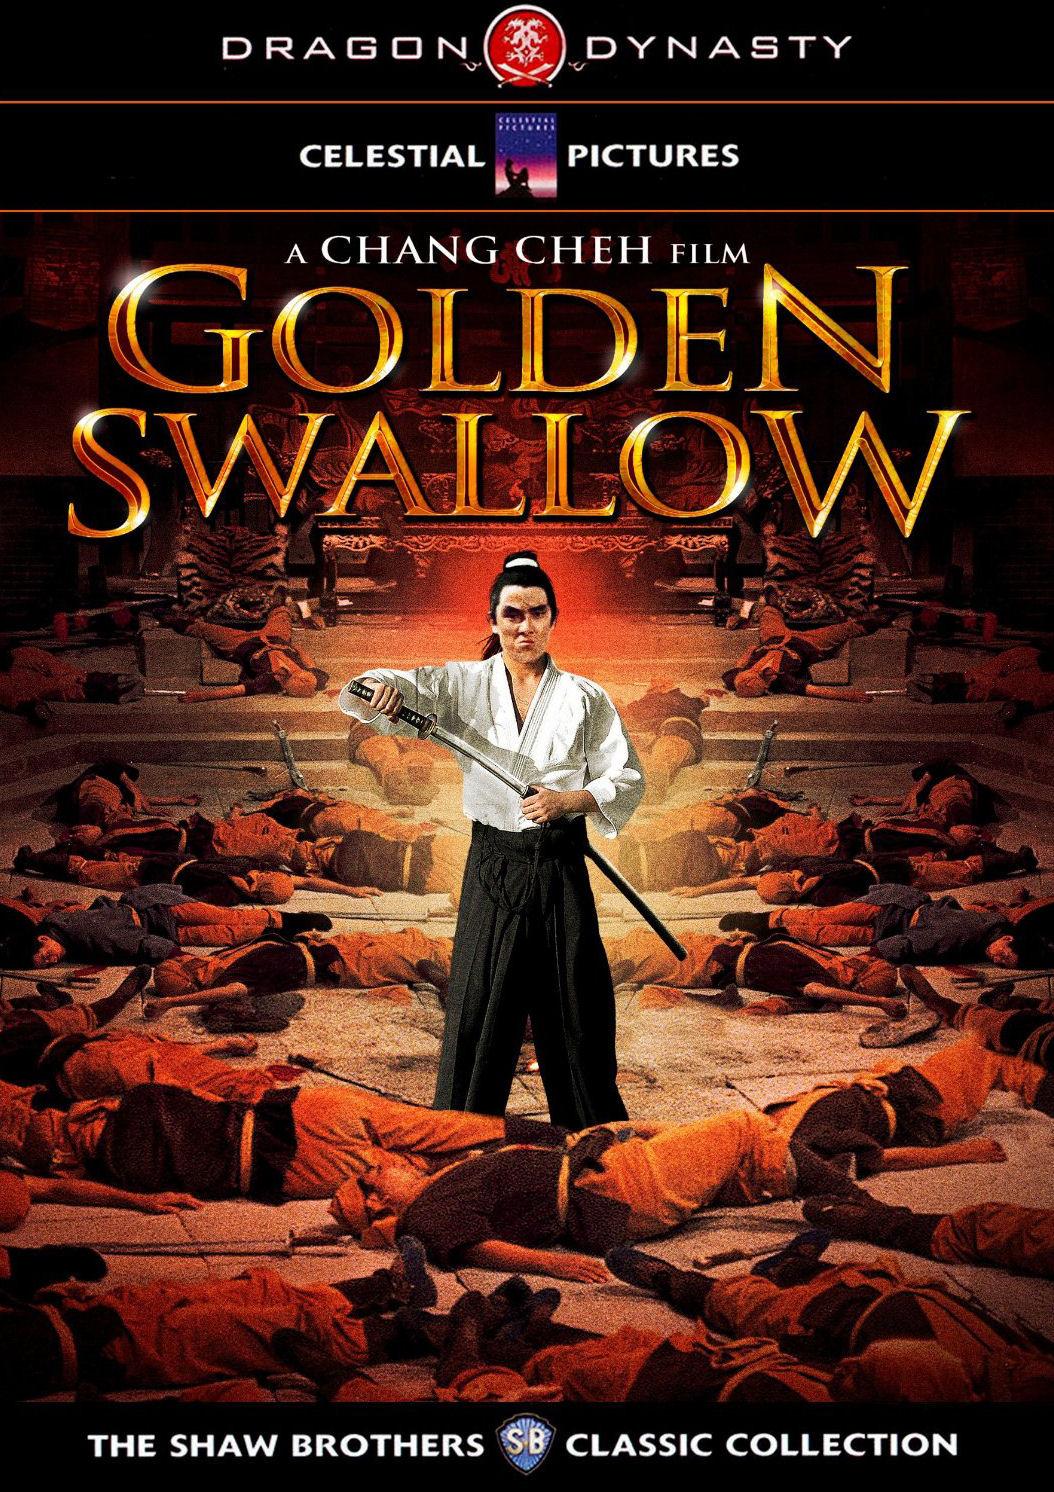 http://4.bp.blogspot.com/-iW0s_WCXLdM/Ugv67aaqO4I/AAAAAAAAVAA/YV6bhNmGL24/s1600/1968+-+Golden+Swallow+-+Jin+yan+zi+(1968)+U.jpg